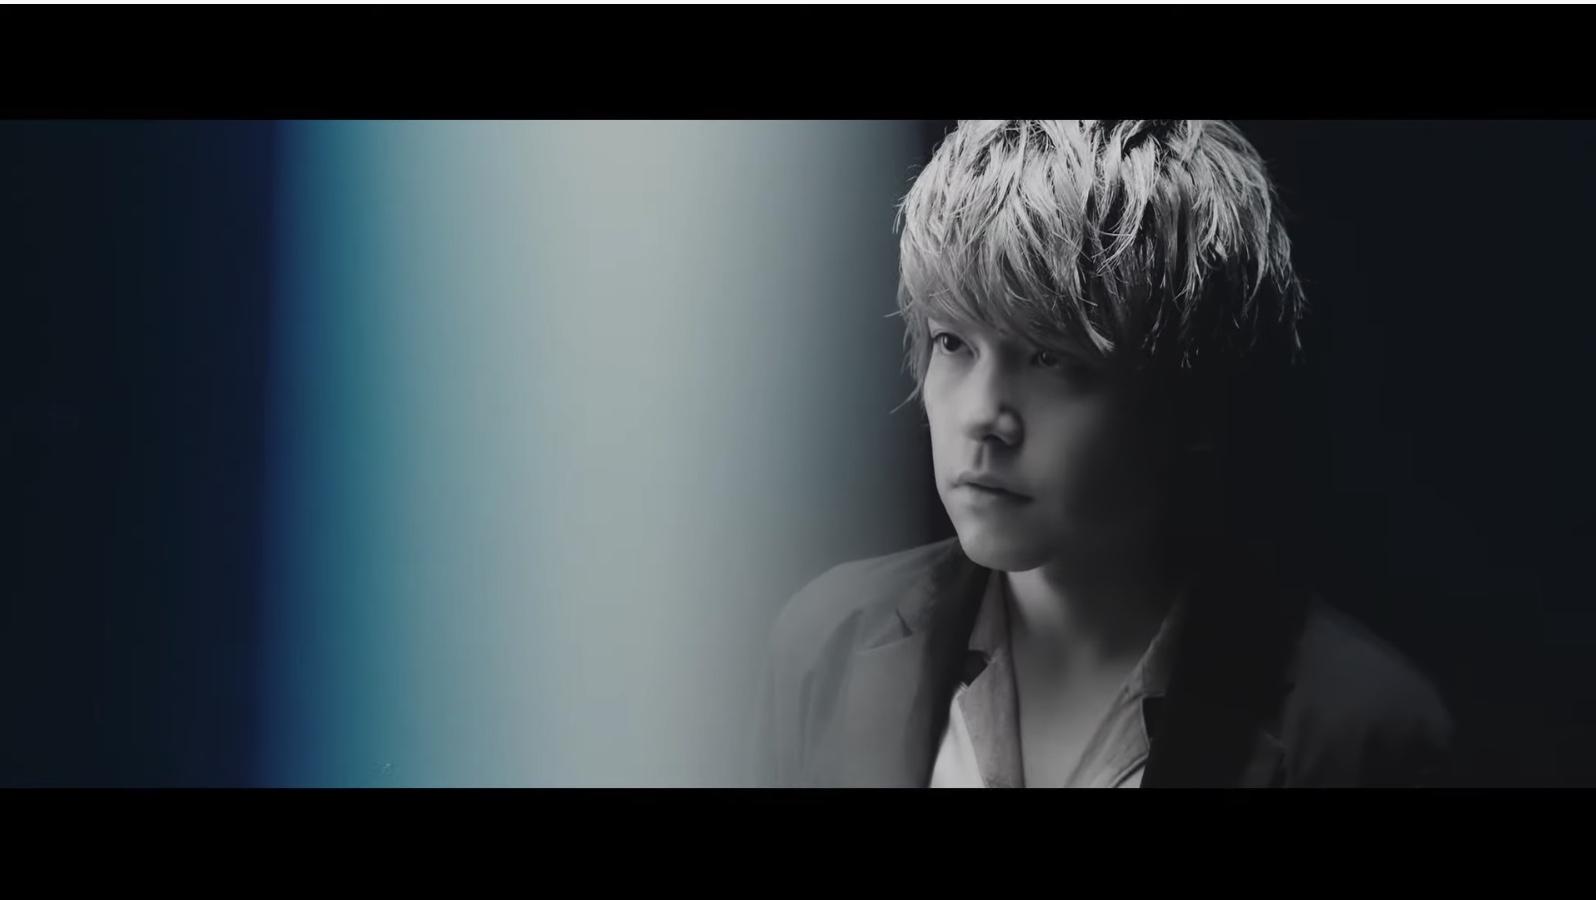 内田雄馬さん6th Single「Image」発売決定!アーティストデビュー2周年記念ムービーも公開